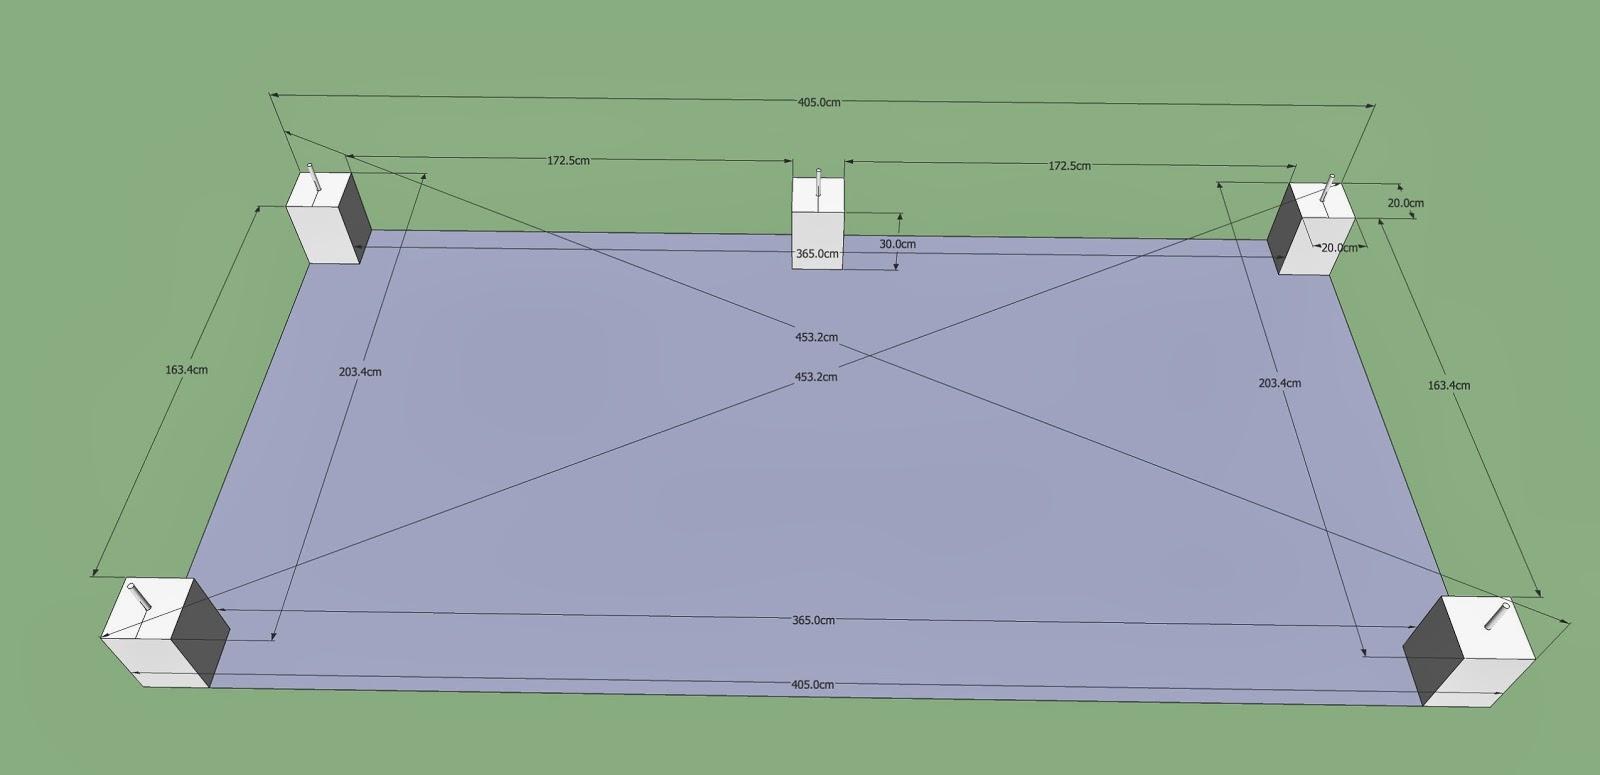 holzhaus wir bauen ein haus aus holz velounterstand. Black Bedroom Furniture Sets. Home Design Ideas